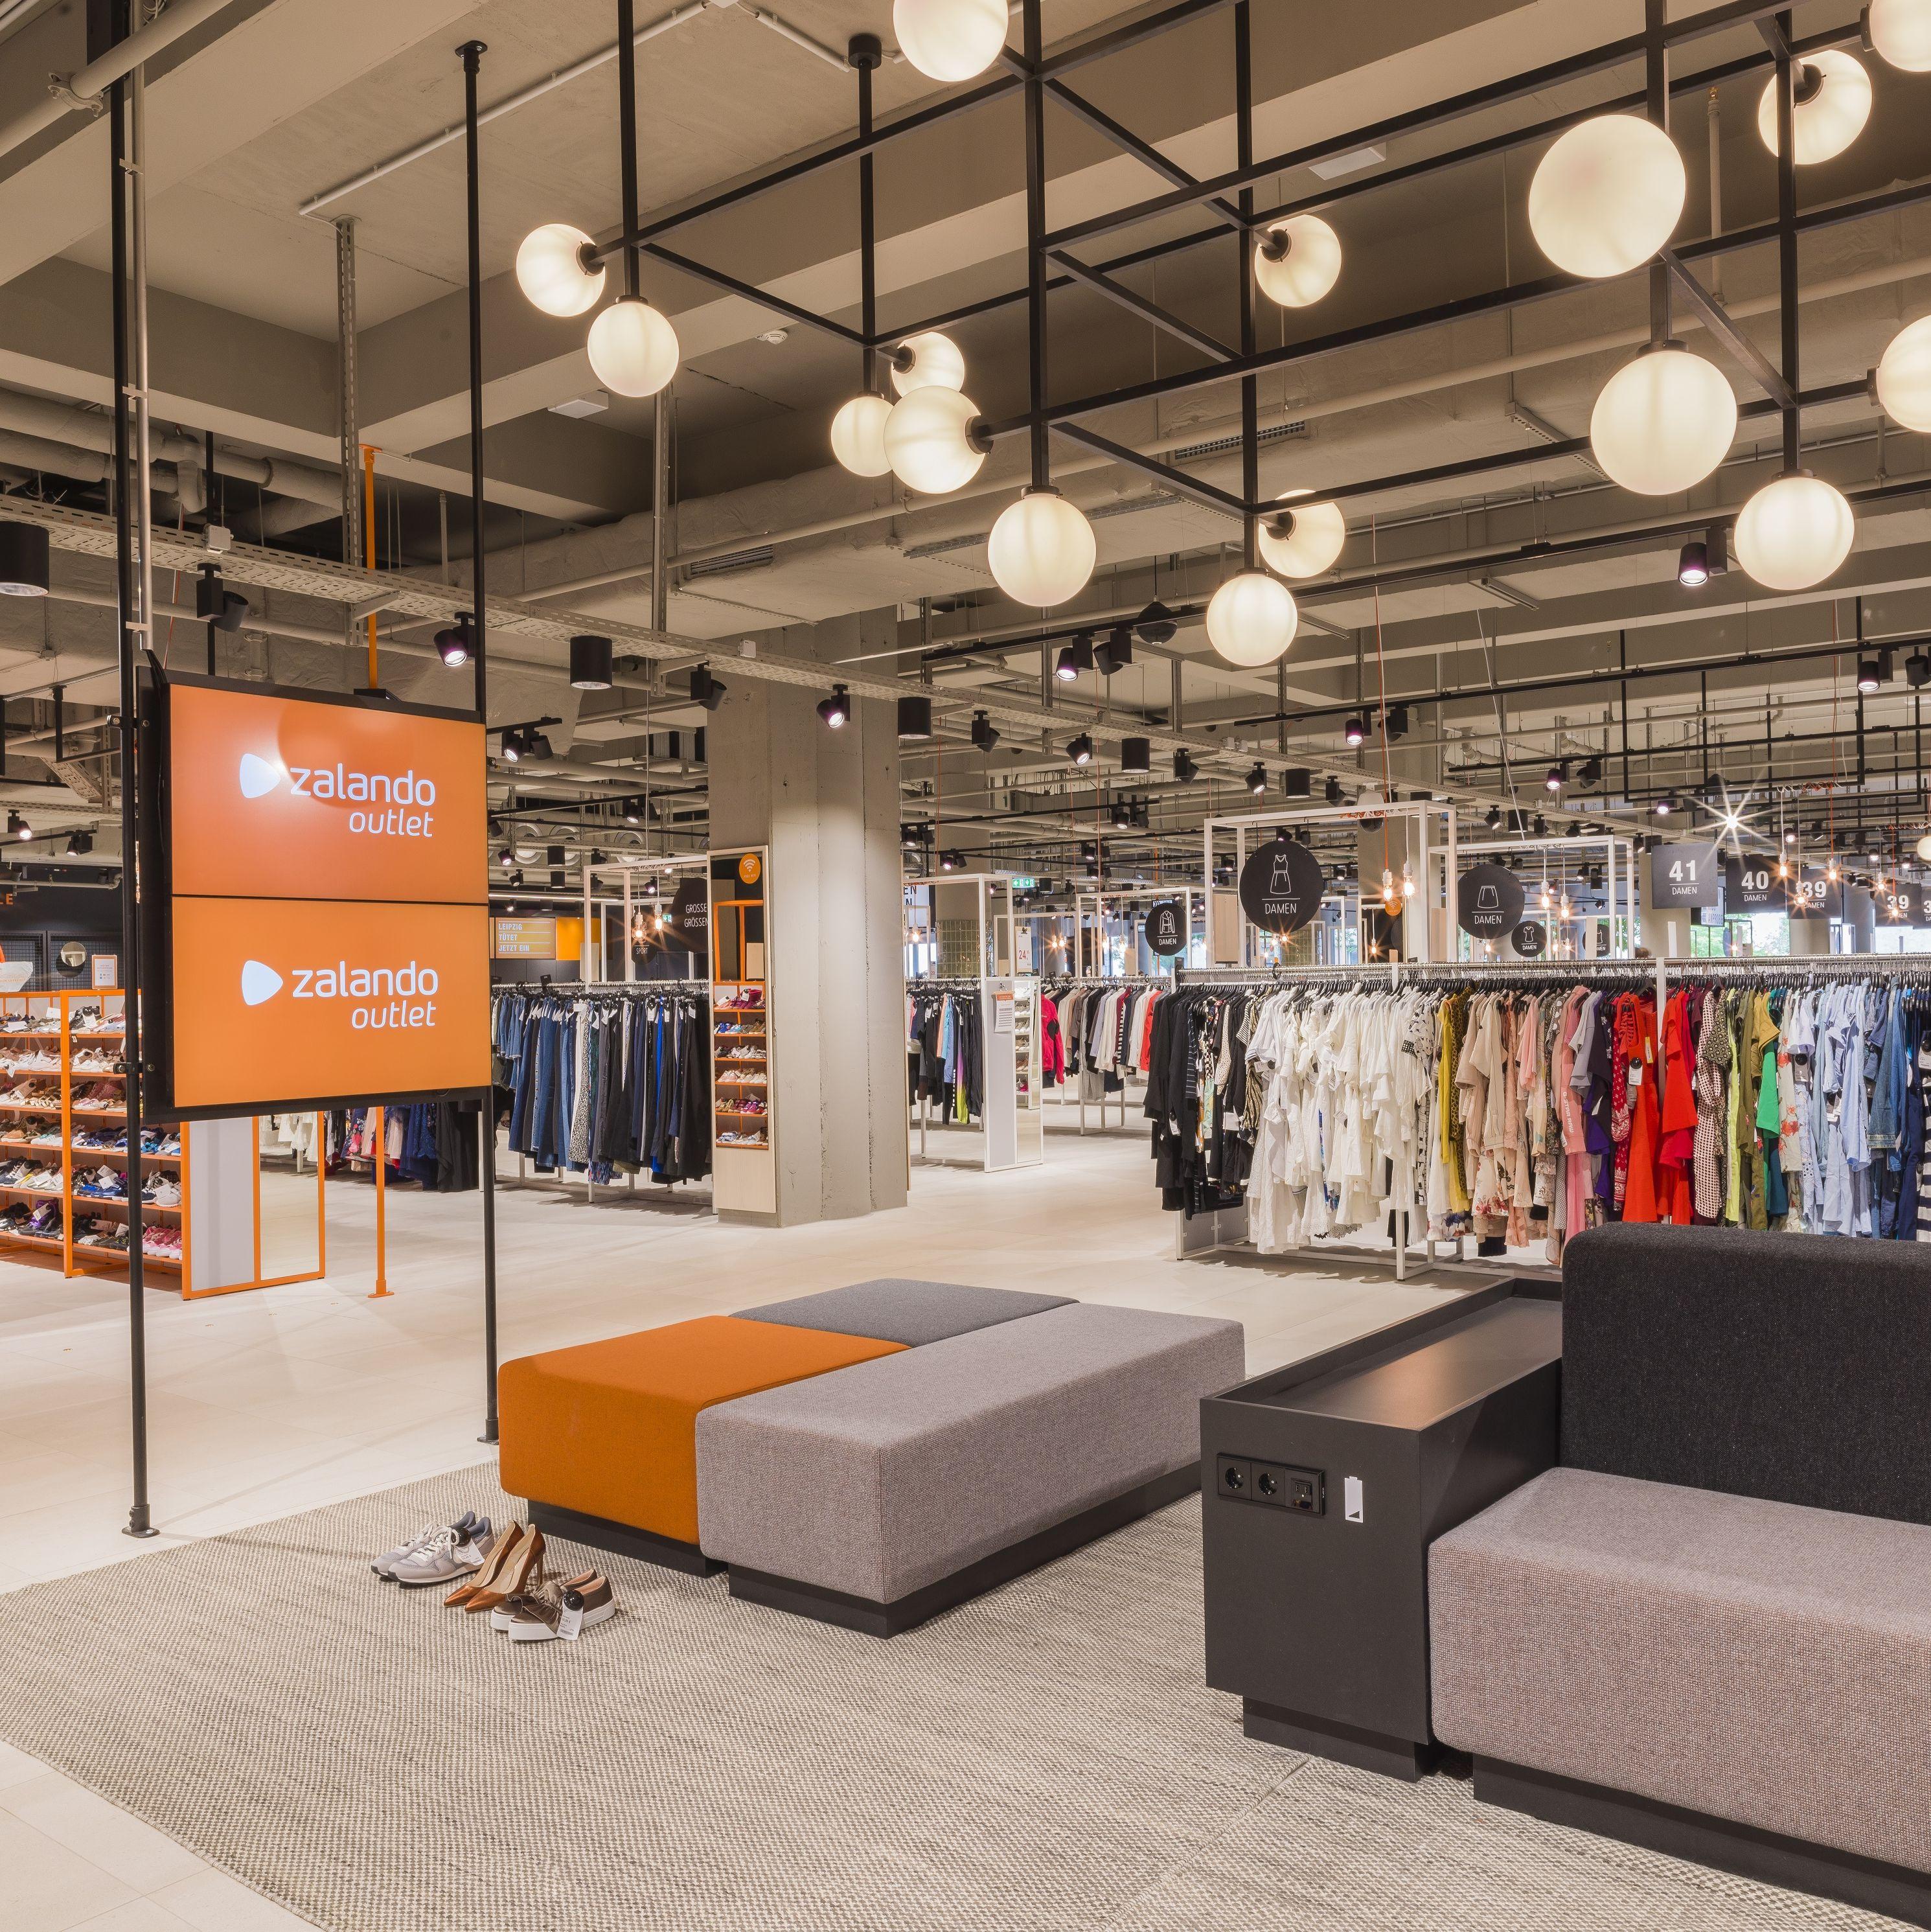 Multichannel-Modehandel: Zalando eröffnet Outlet in Leipzig